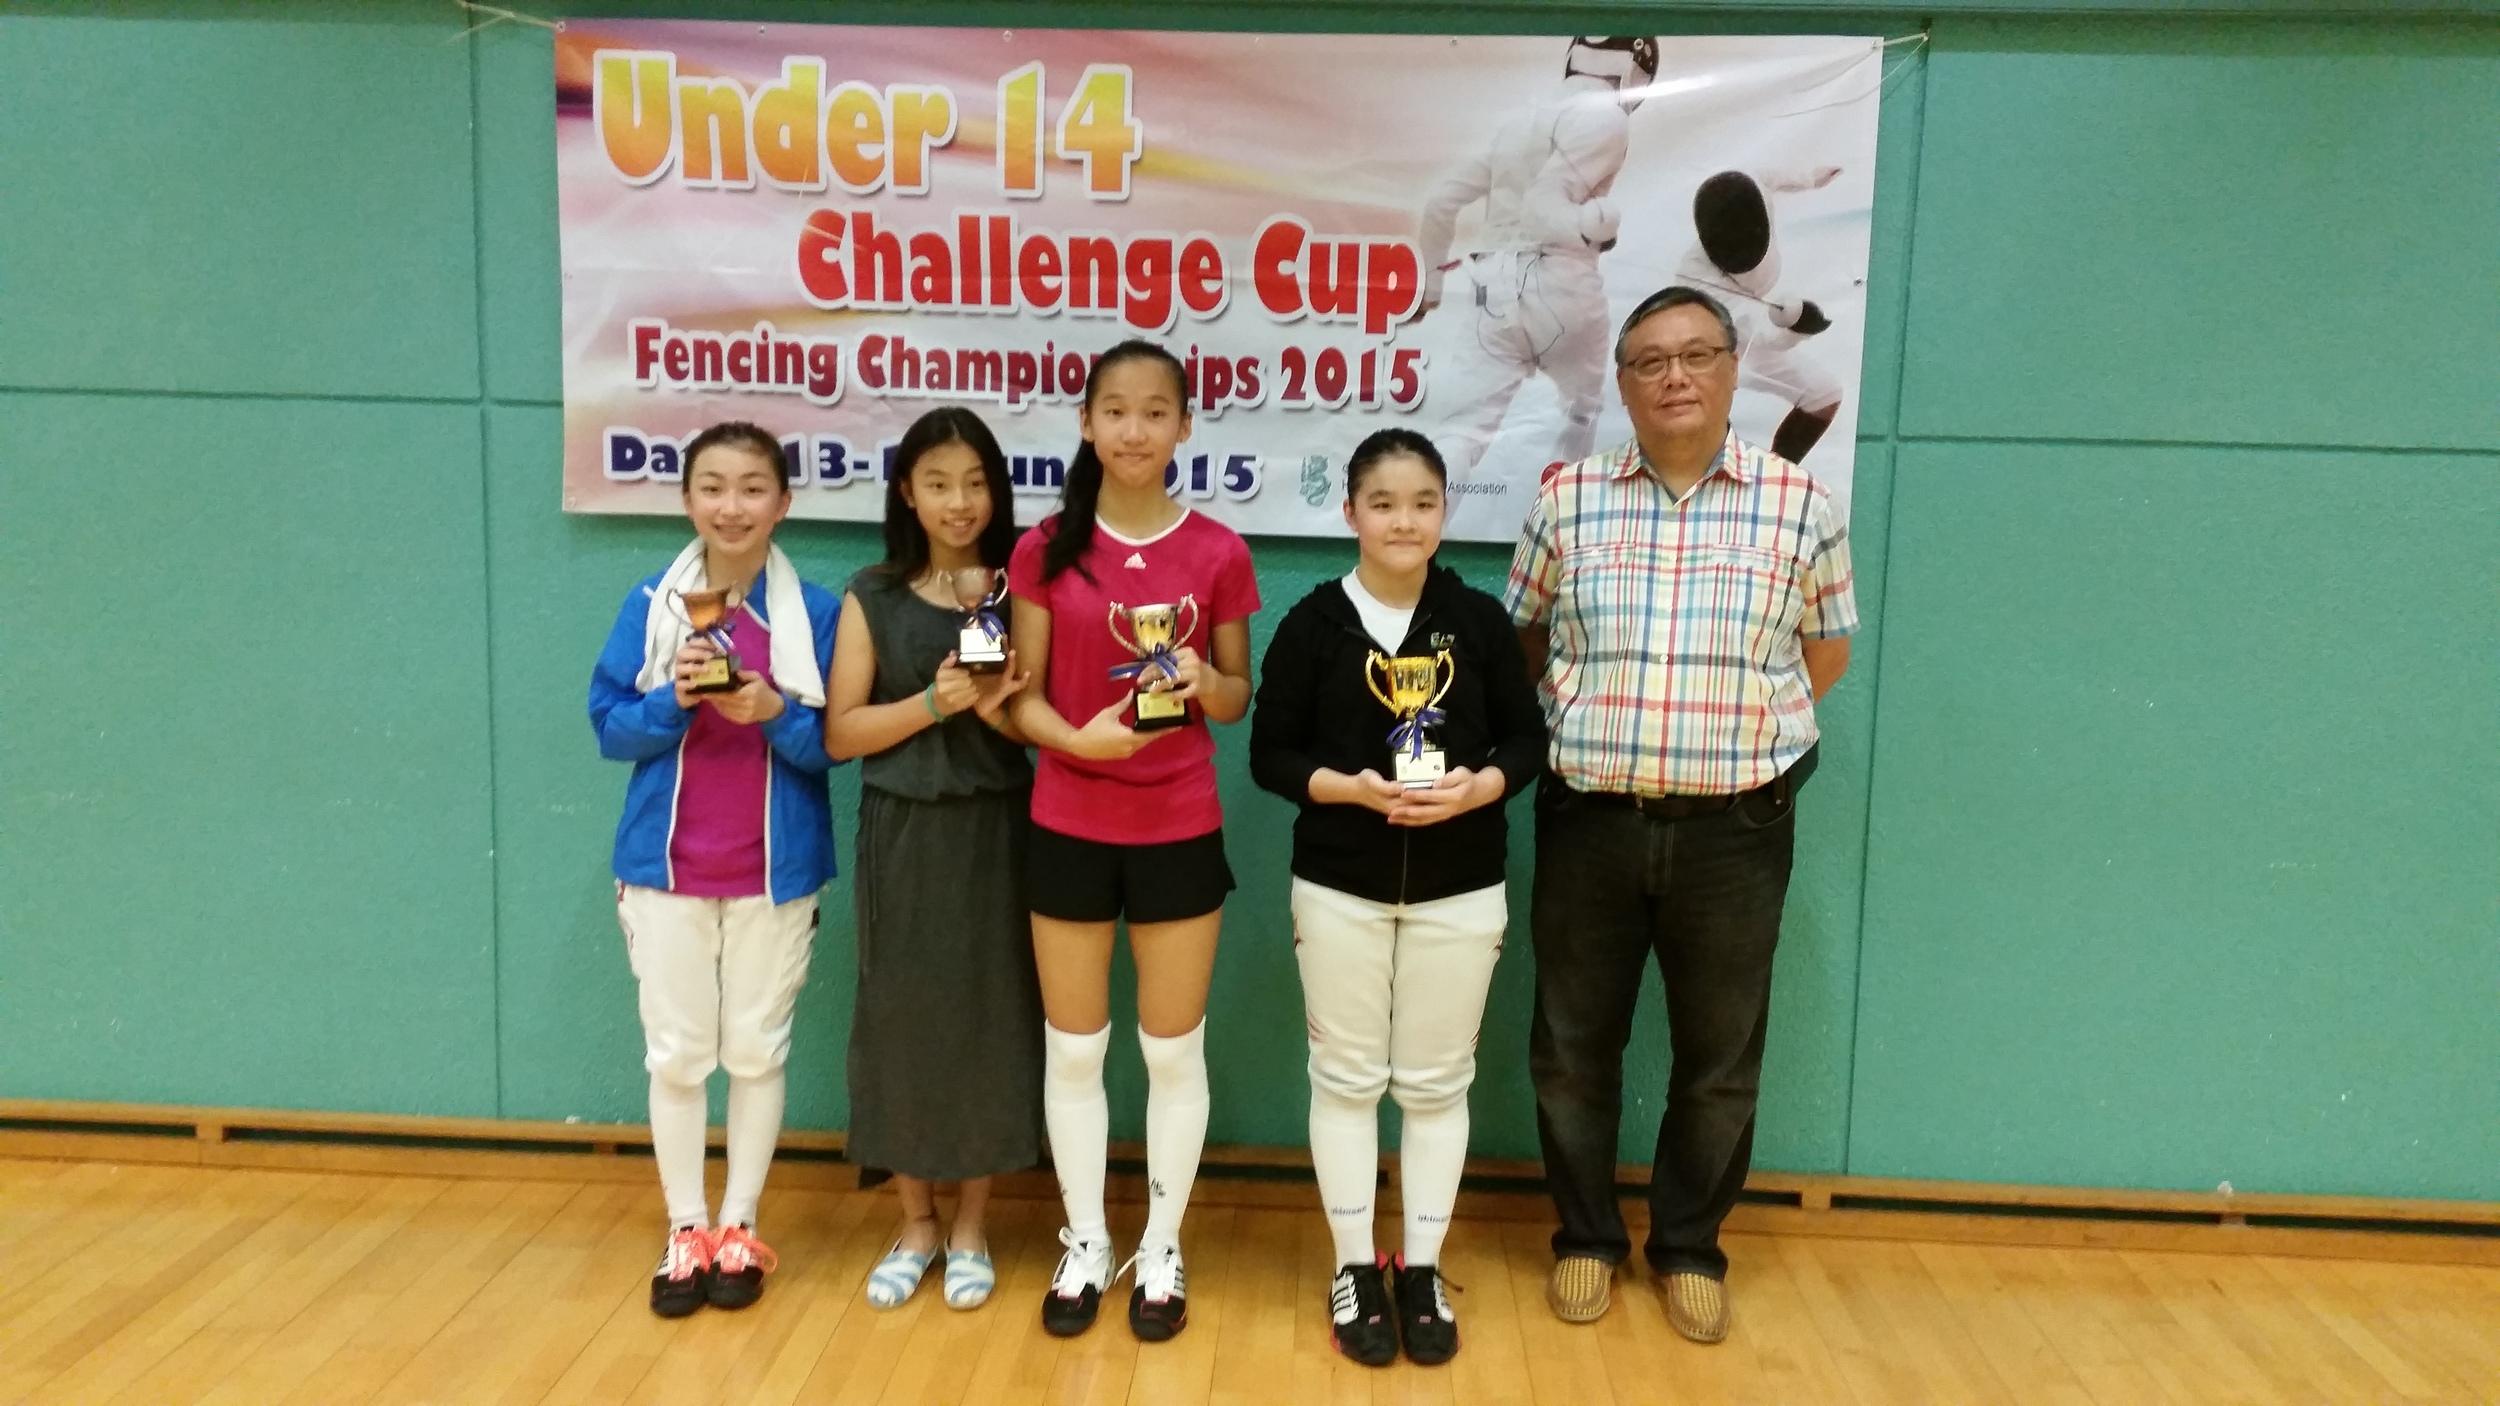 Under 14 Challenge Cup 2015 3.jpg